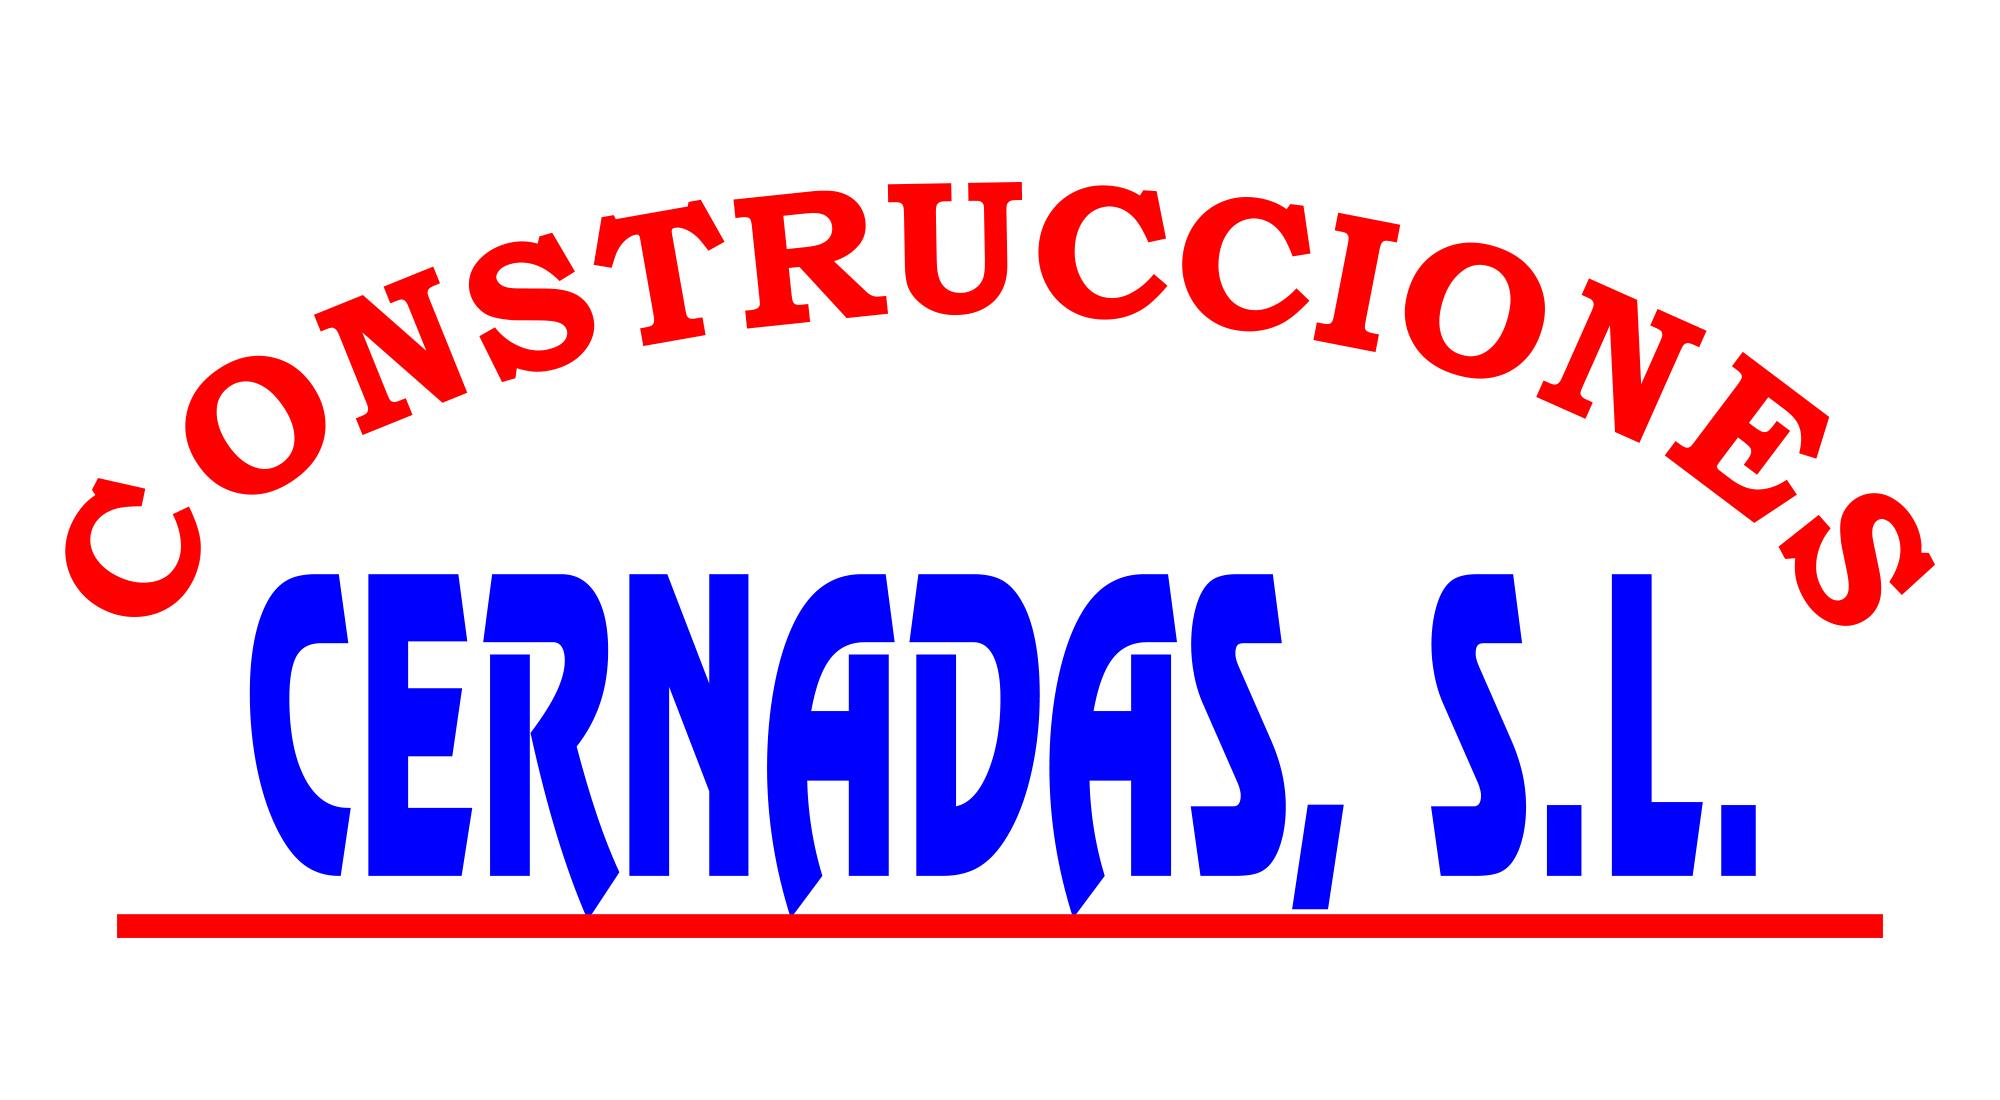 Construcciones Cernadas